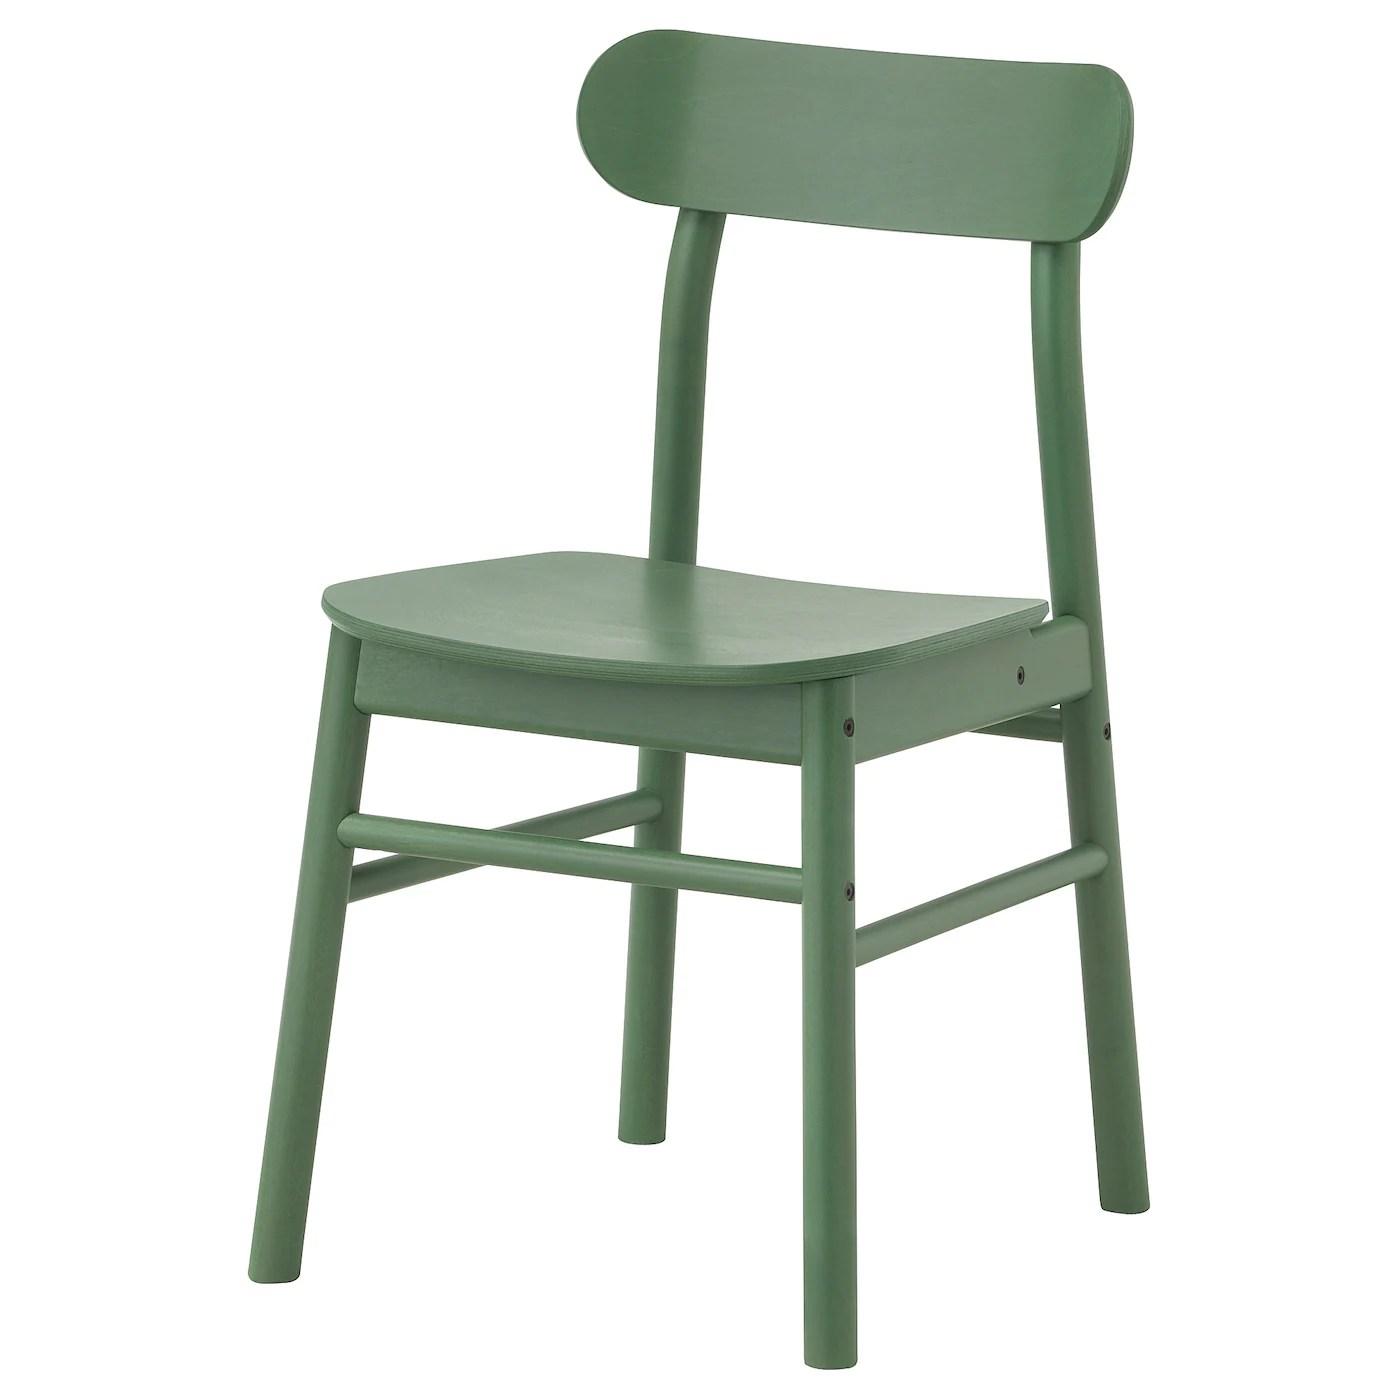 L'assortimento di mobili da esterno di ikea comprende comode sedie in tanti stili, materiali e forme diverse, sia per gli adulti che per i bambini. Sedie Sala Da Pranzo Ikea It